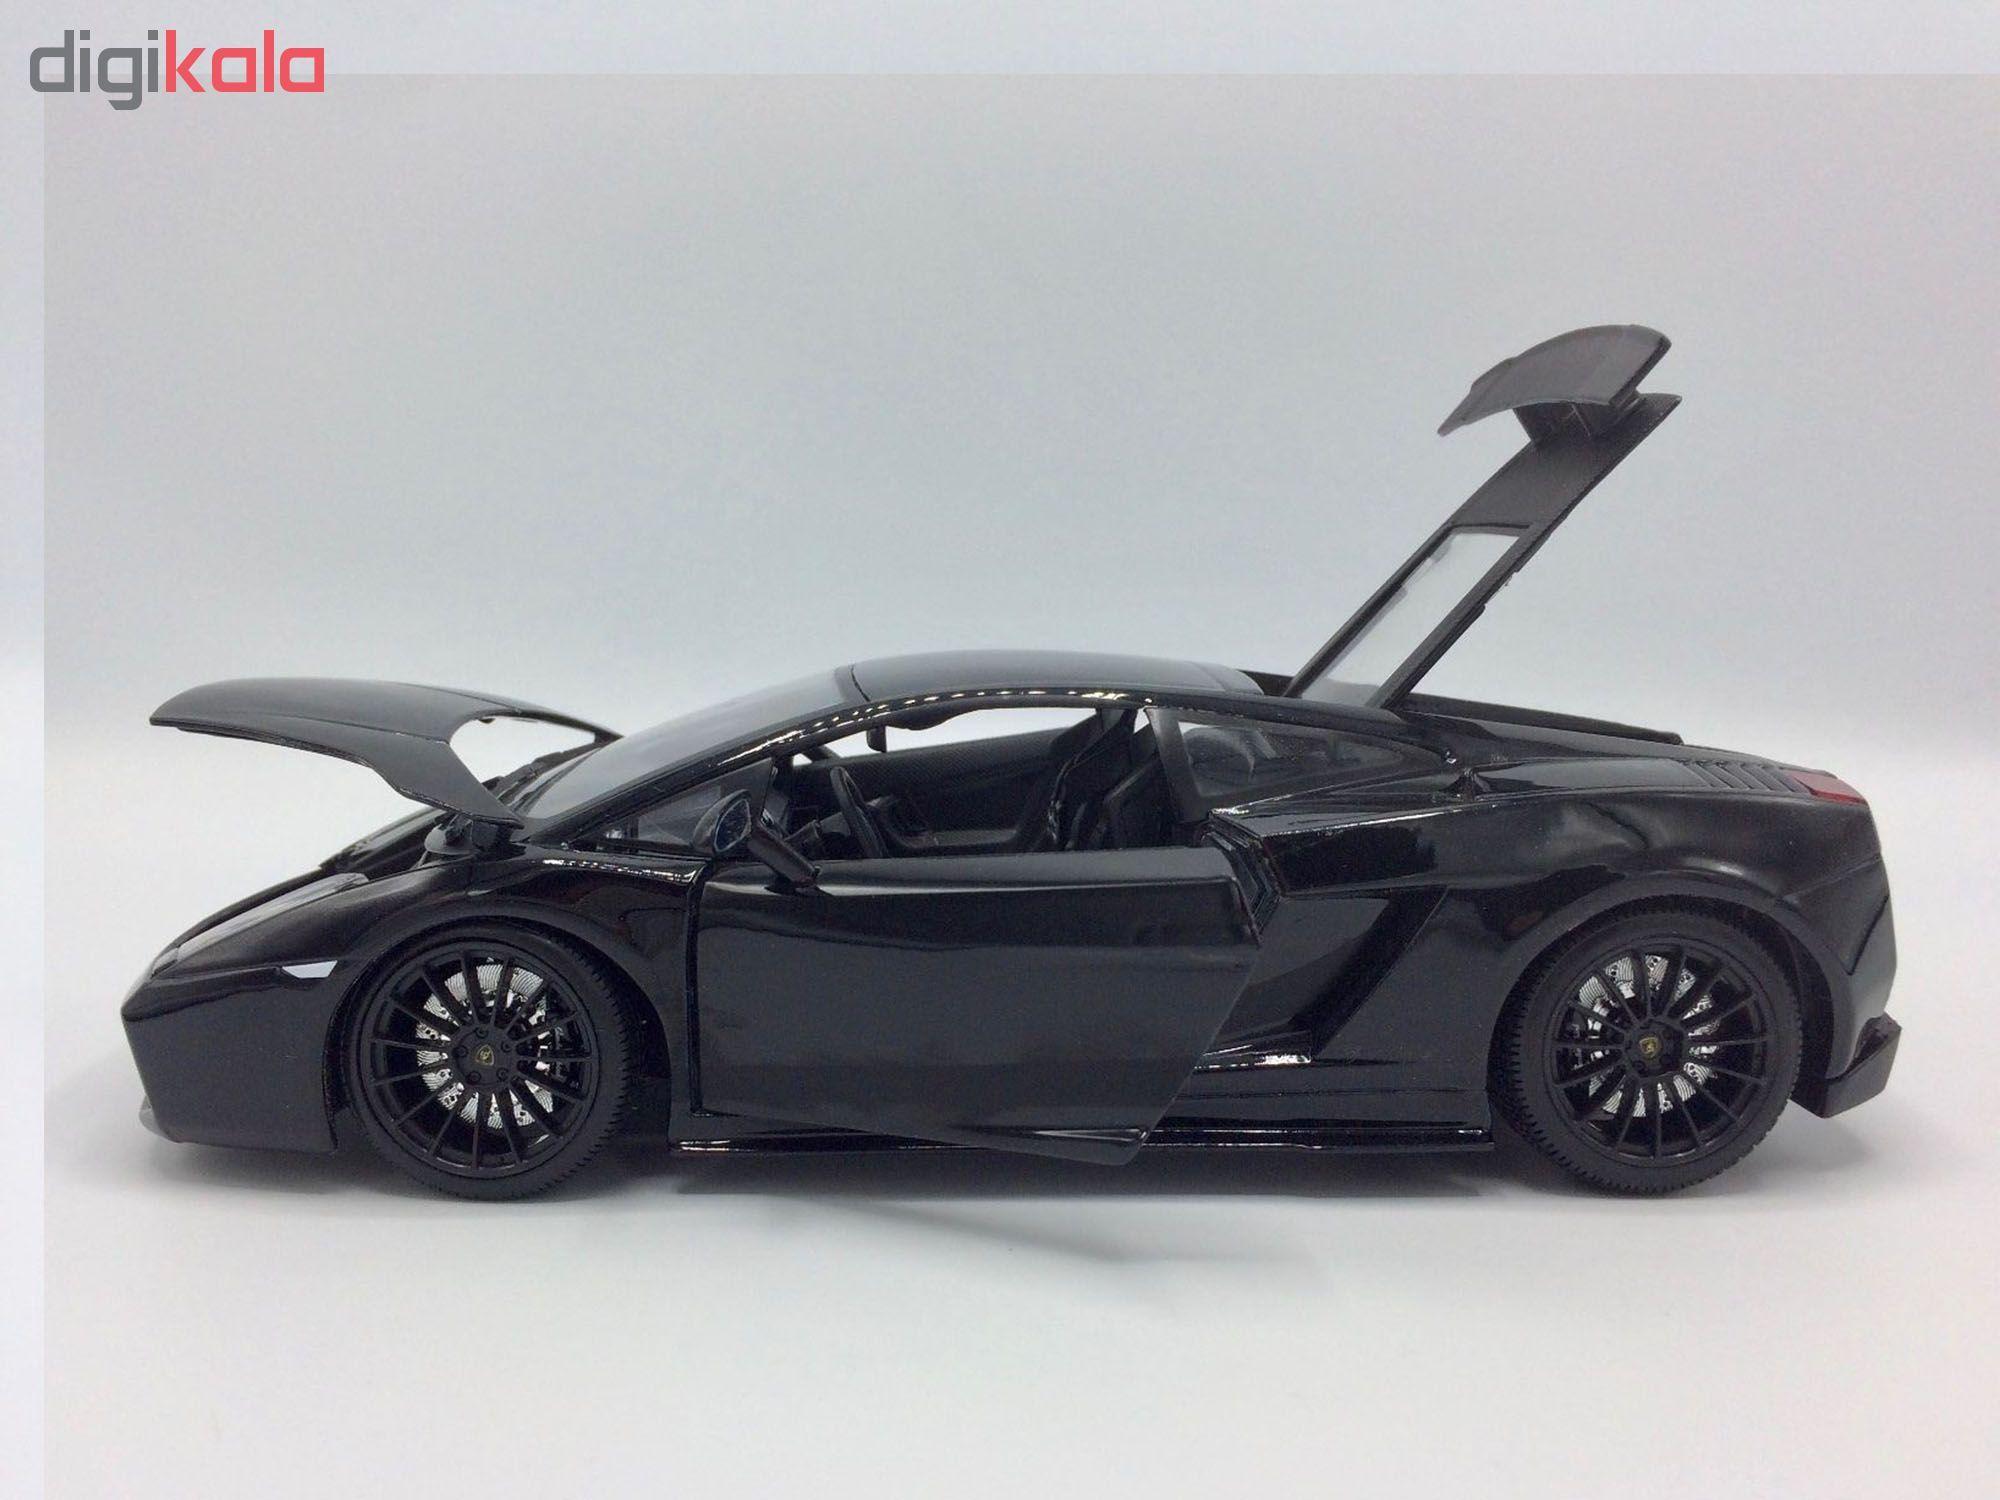 ماشین بازی مایستو مدل لامبورگینی Gallardo Superleggera